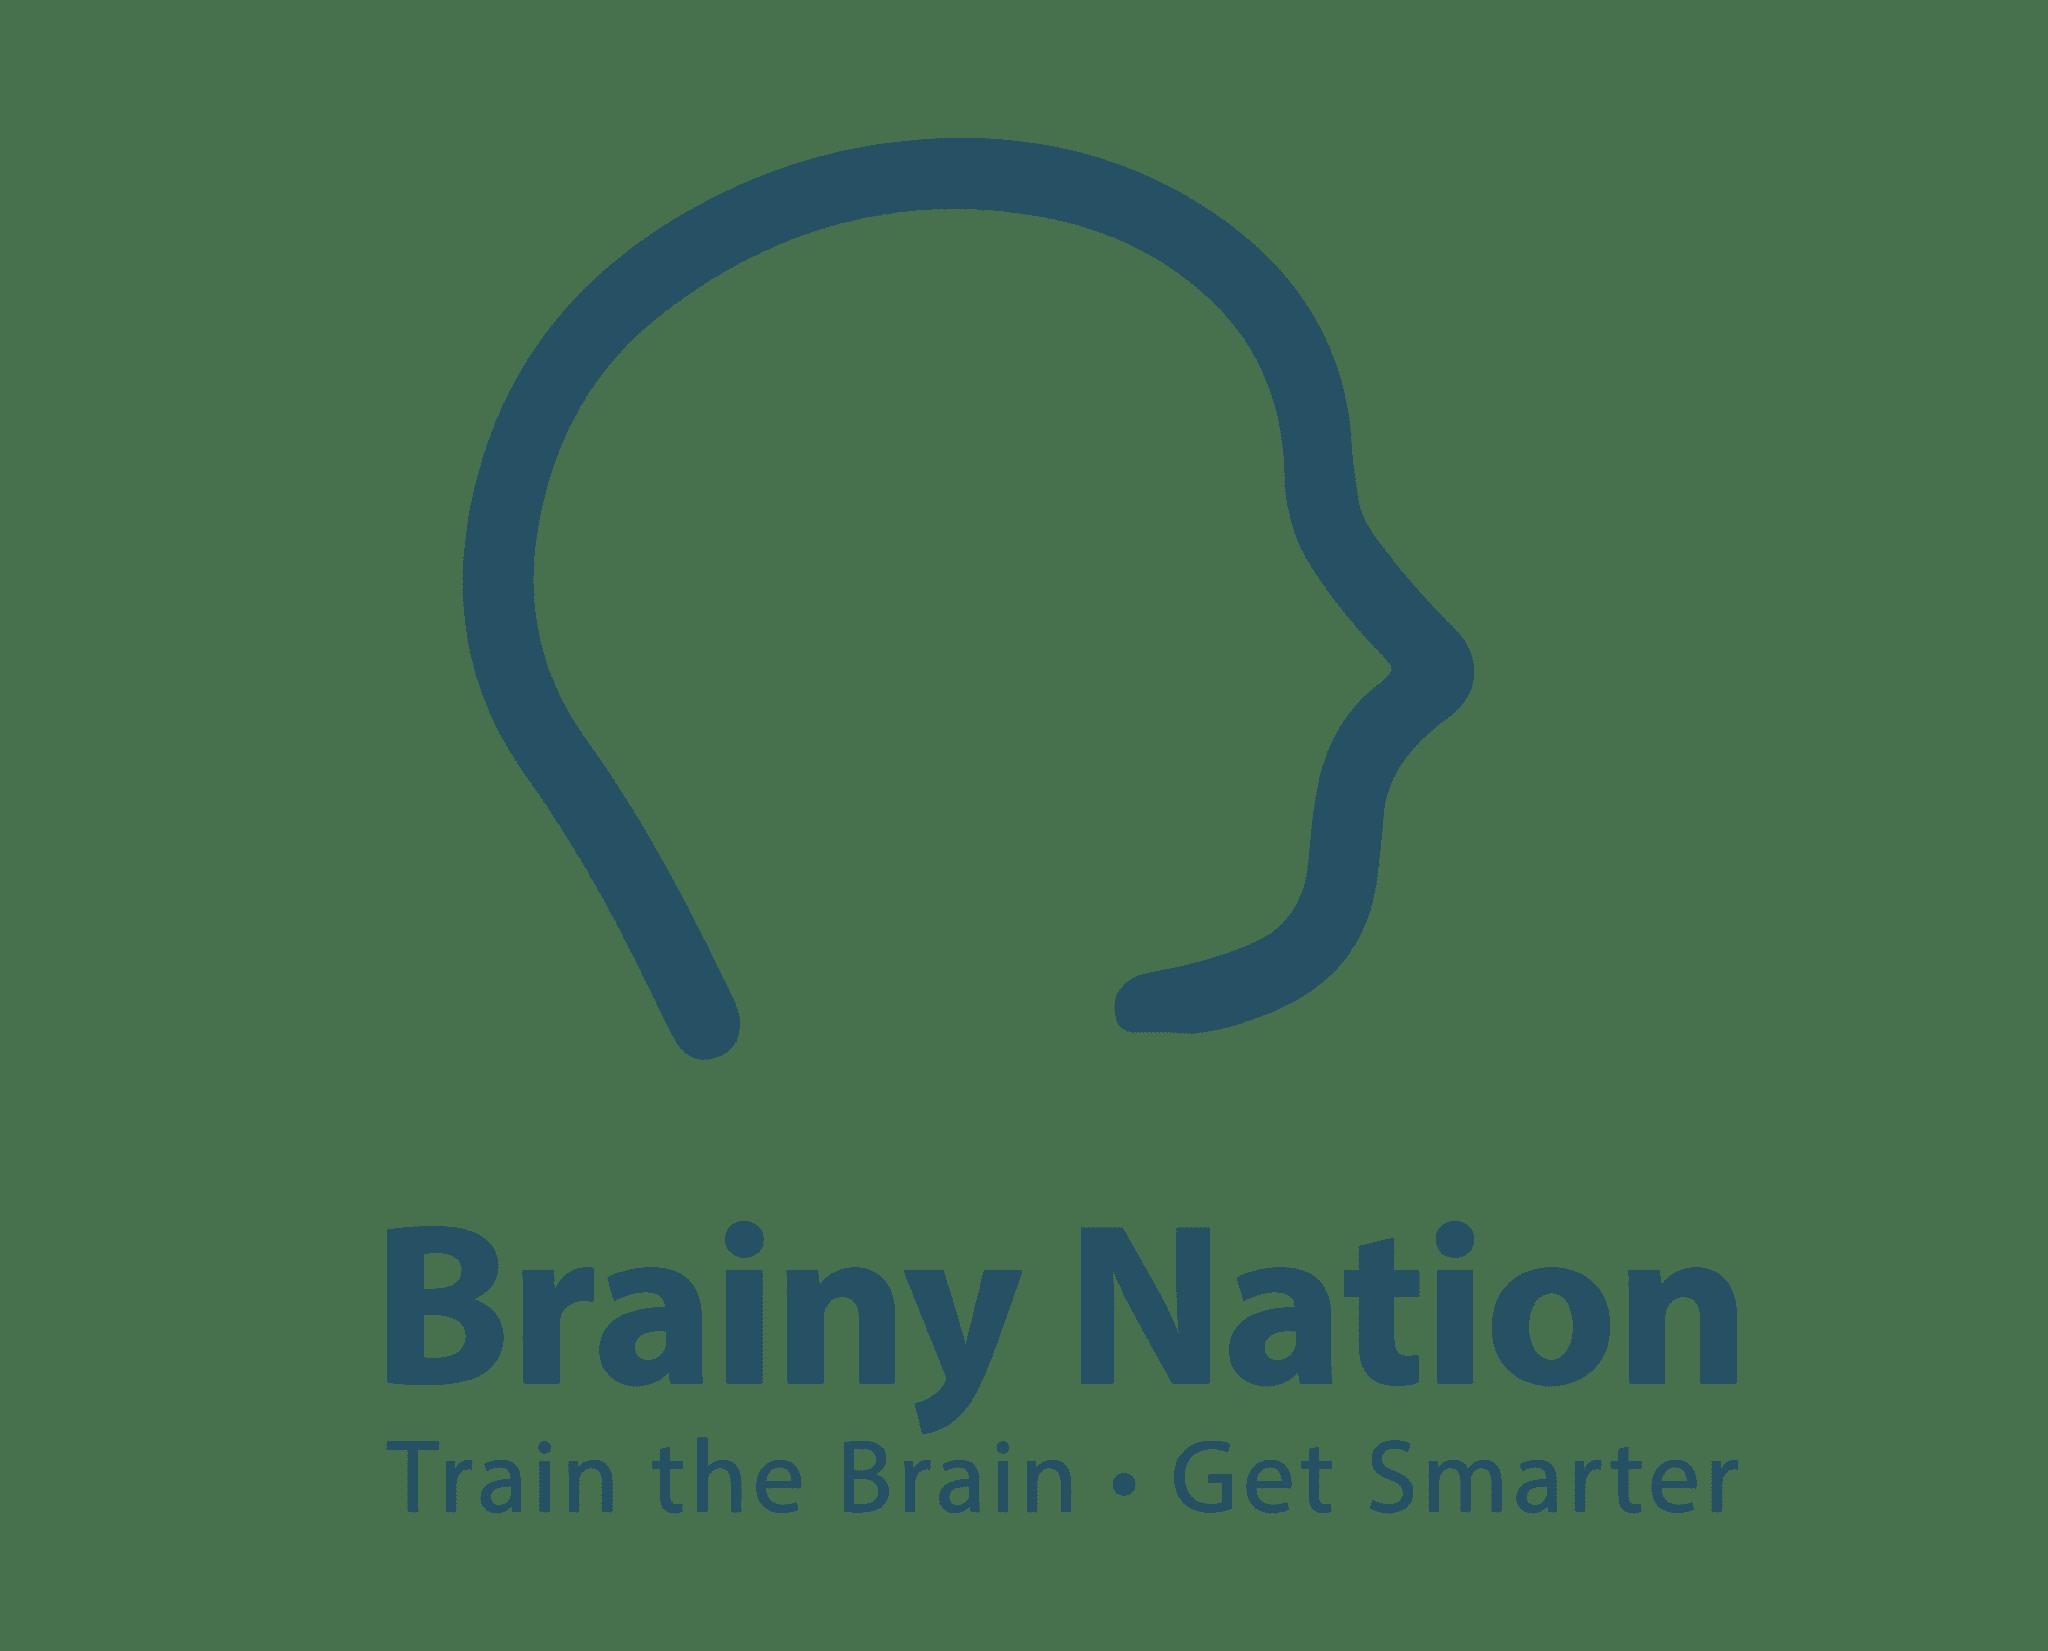 Brainy nation